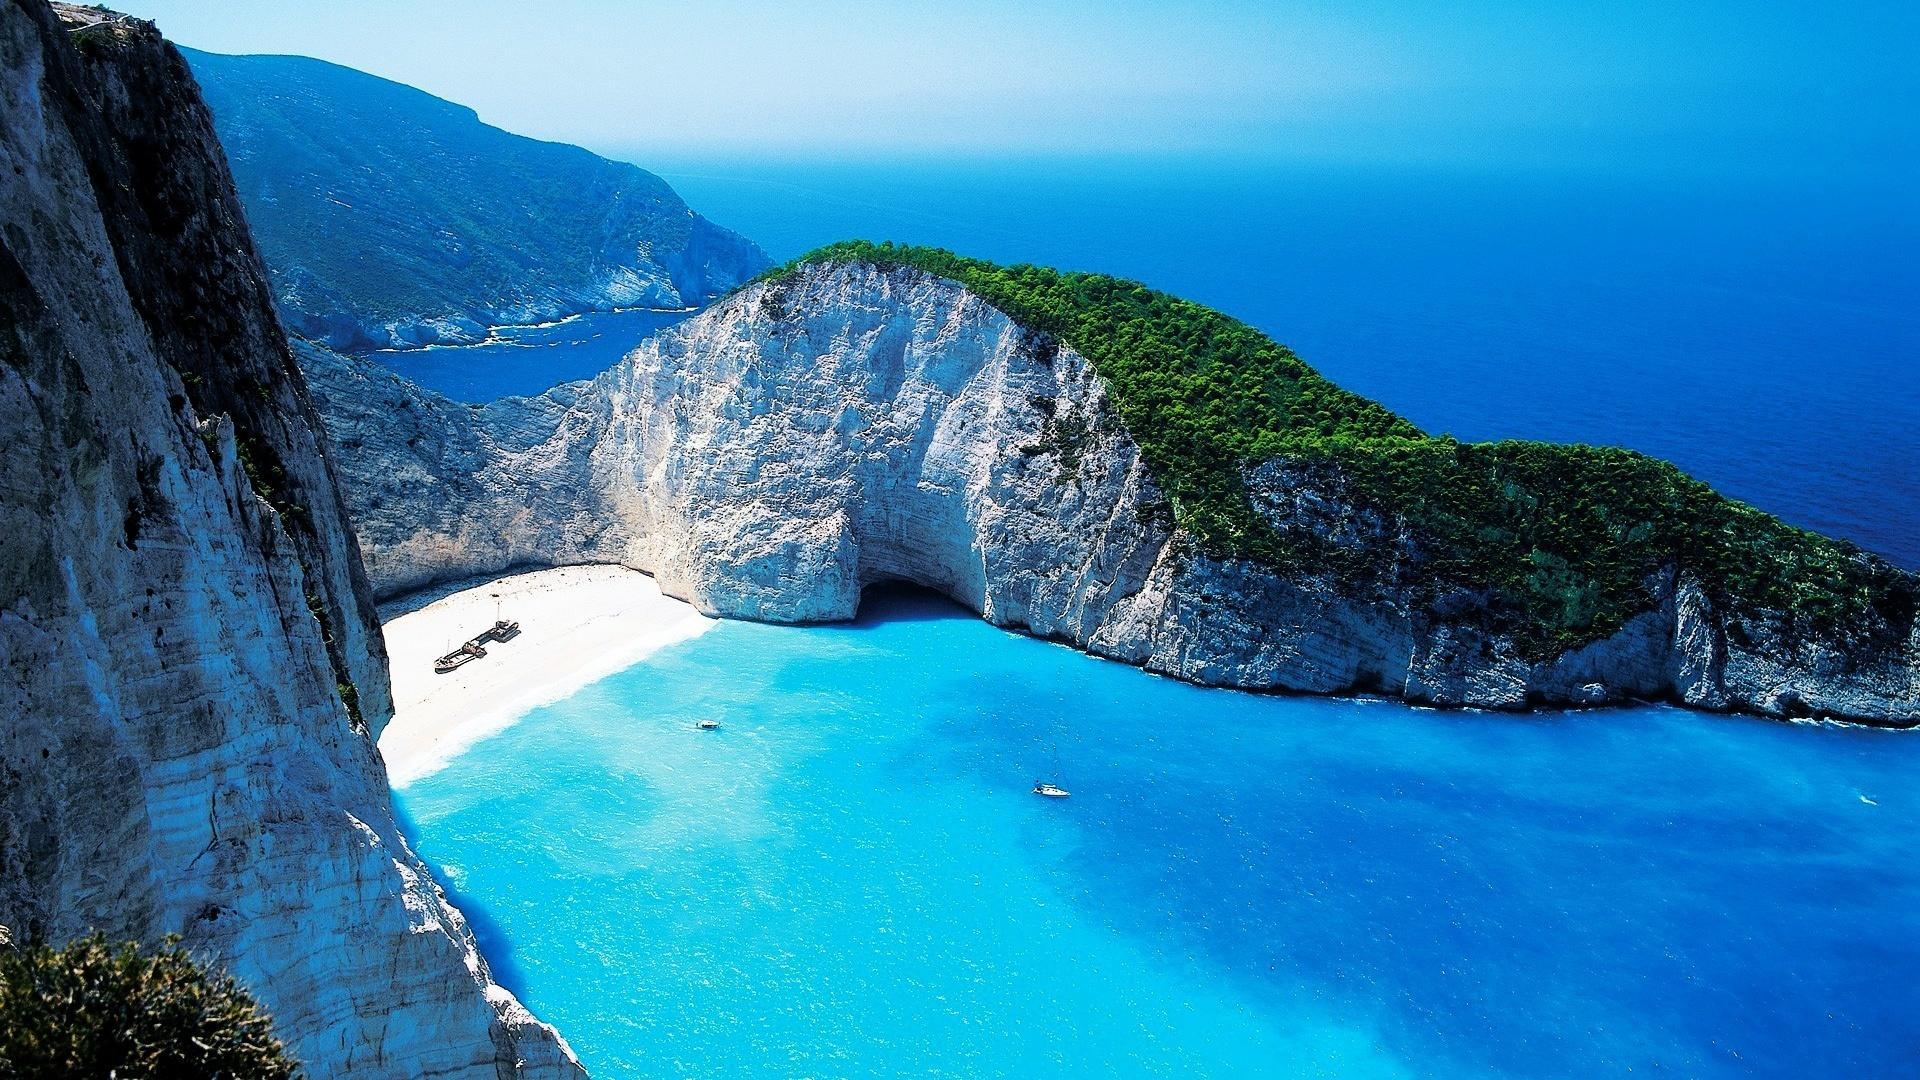 Океан вода горы скалы синие обои для